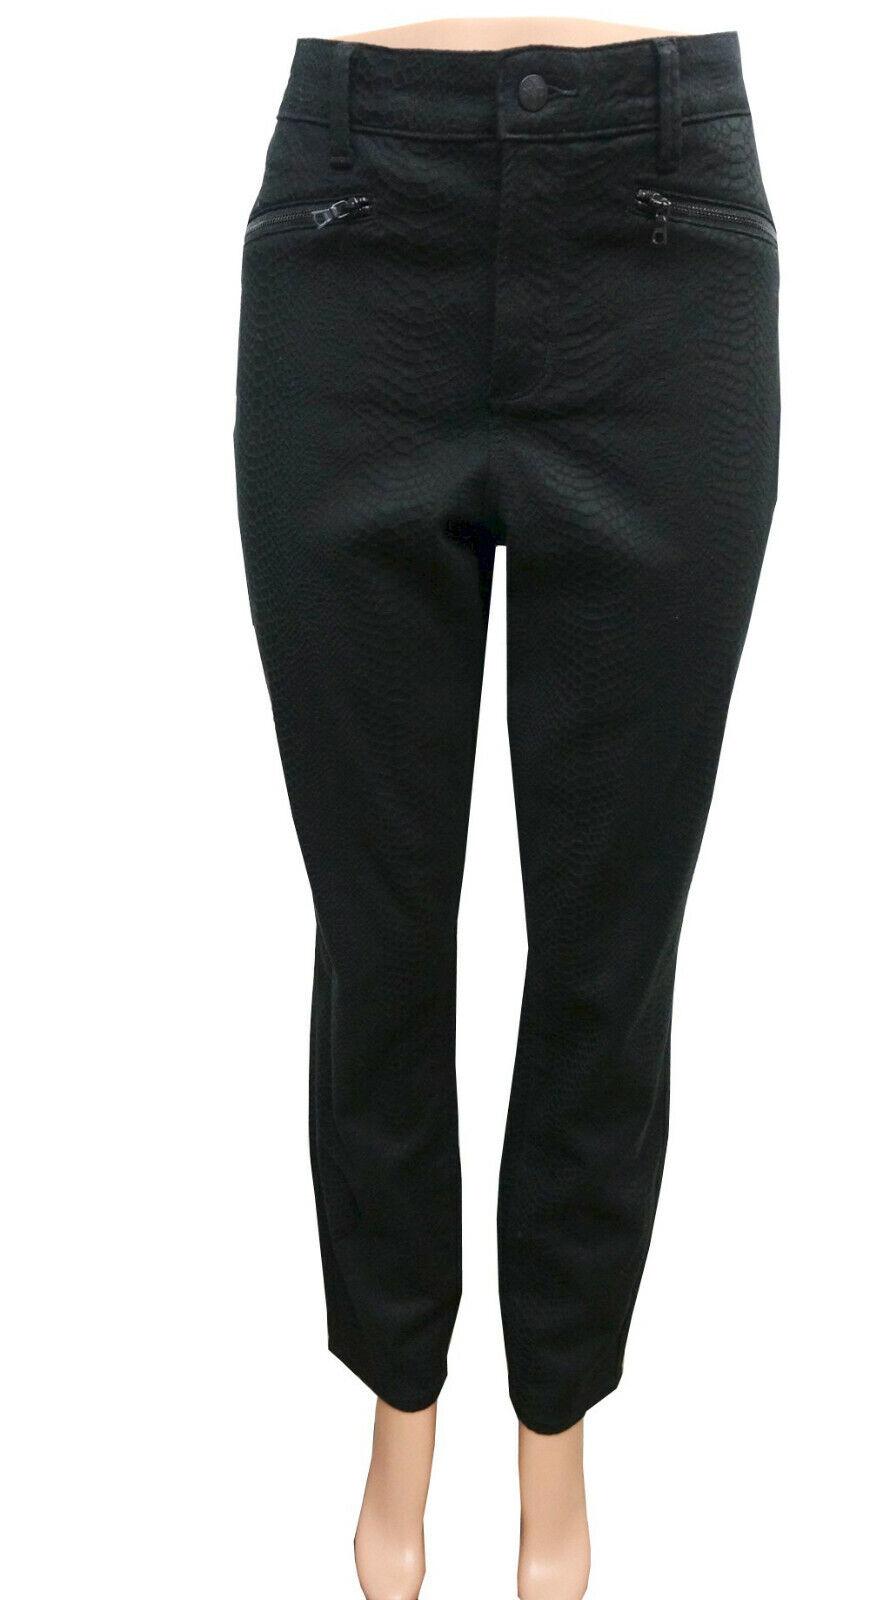 NYDJ Schwarz Schlangenmuster Ami Skinny Slimmying Passform Hosen Damen Plus